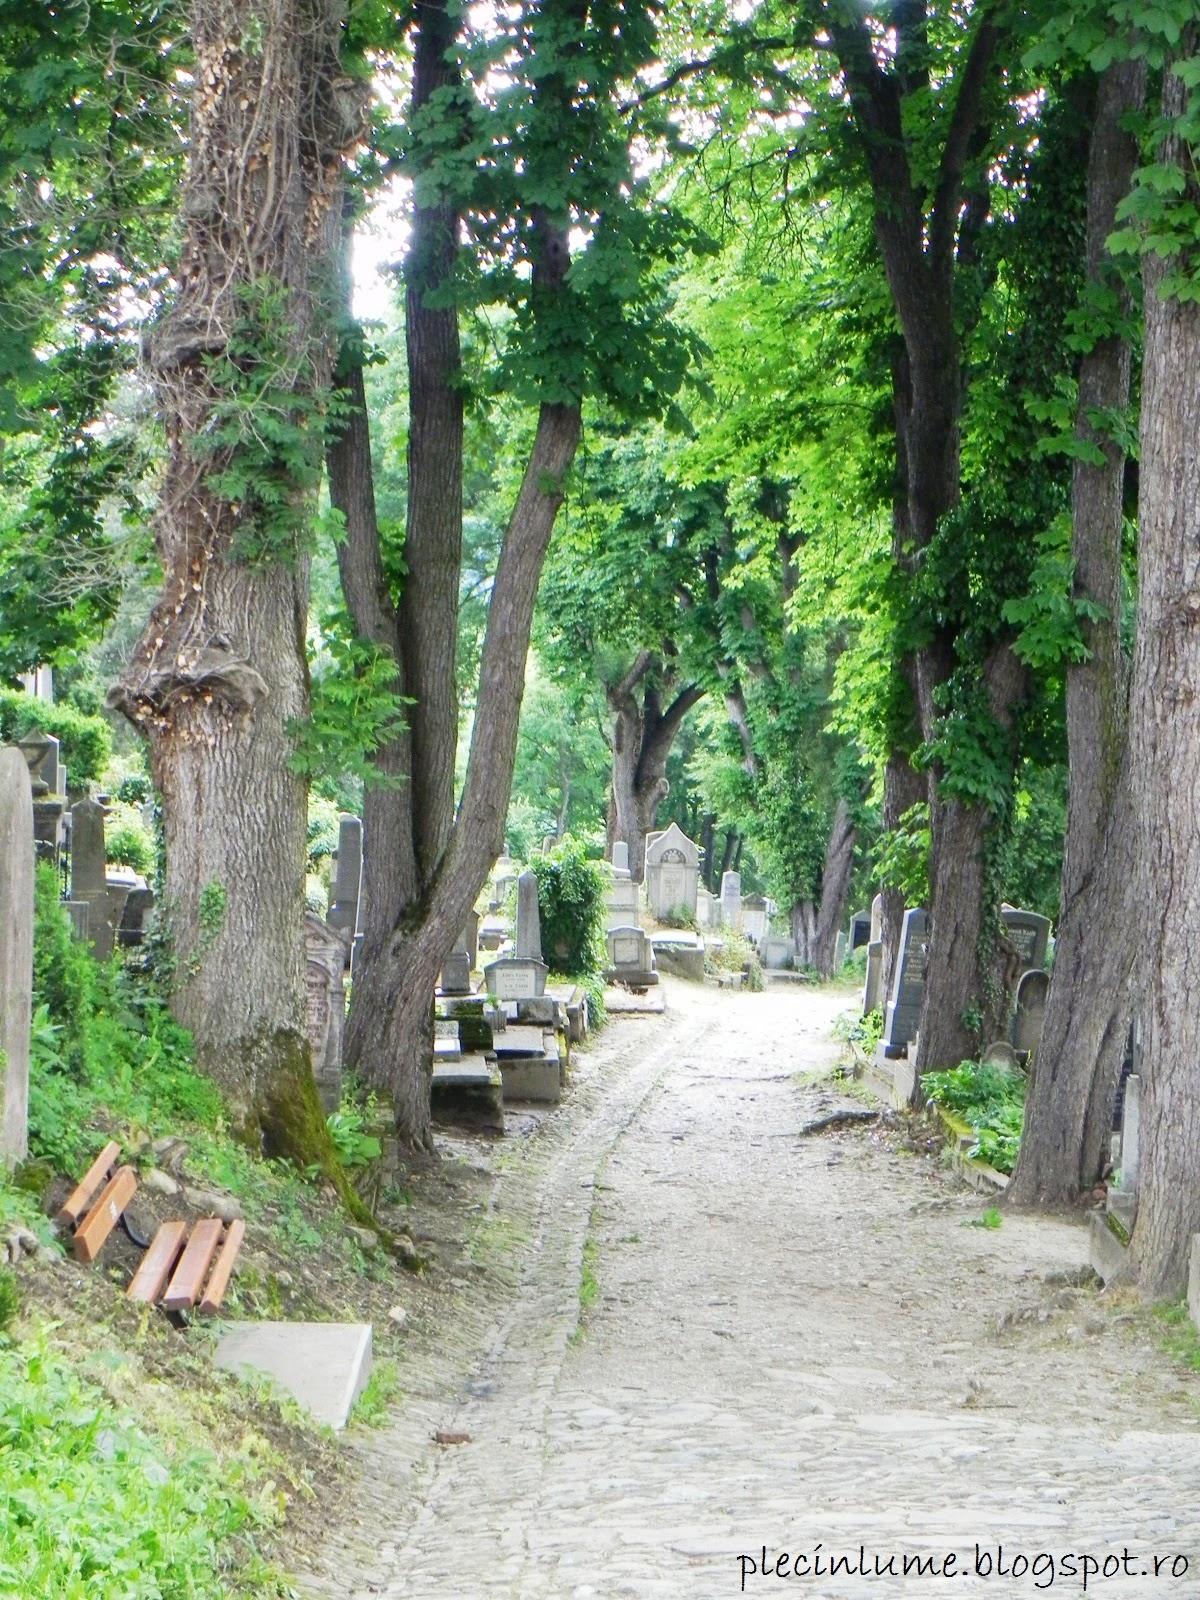 Cimitirul Bisericii din deal